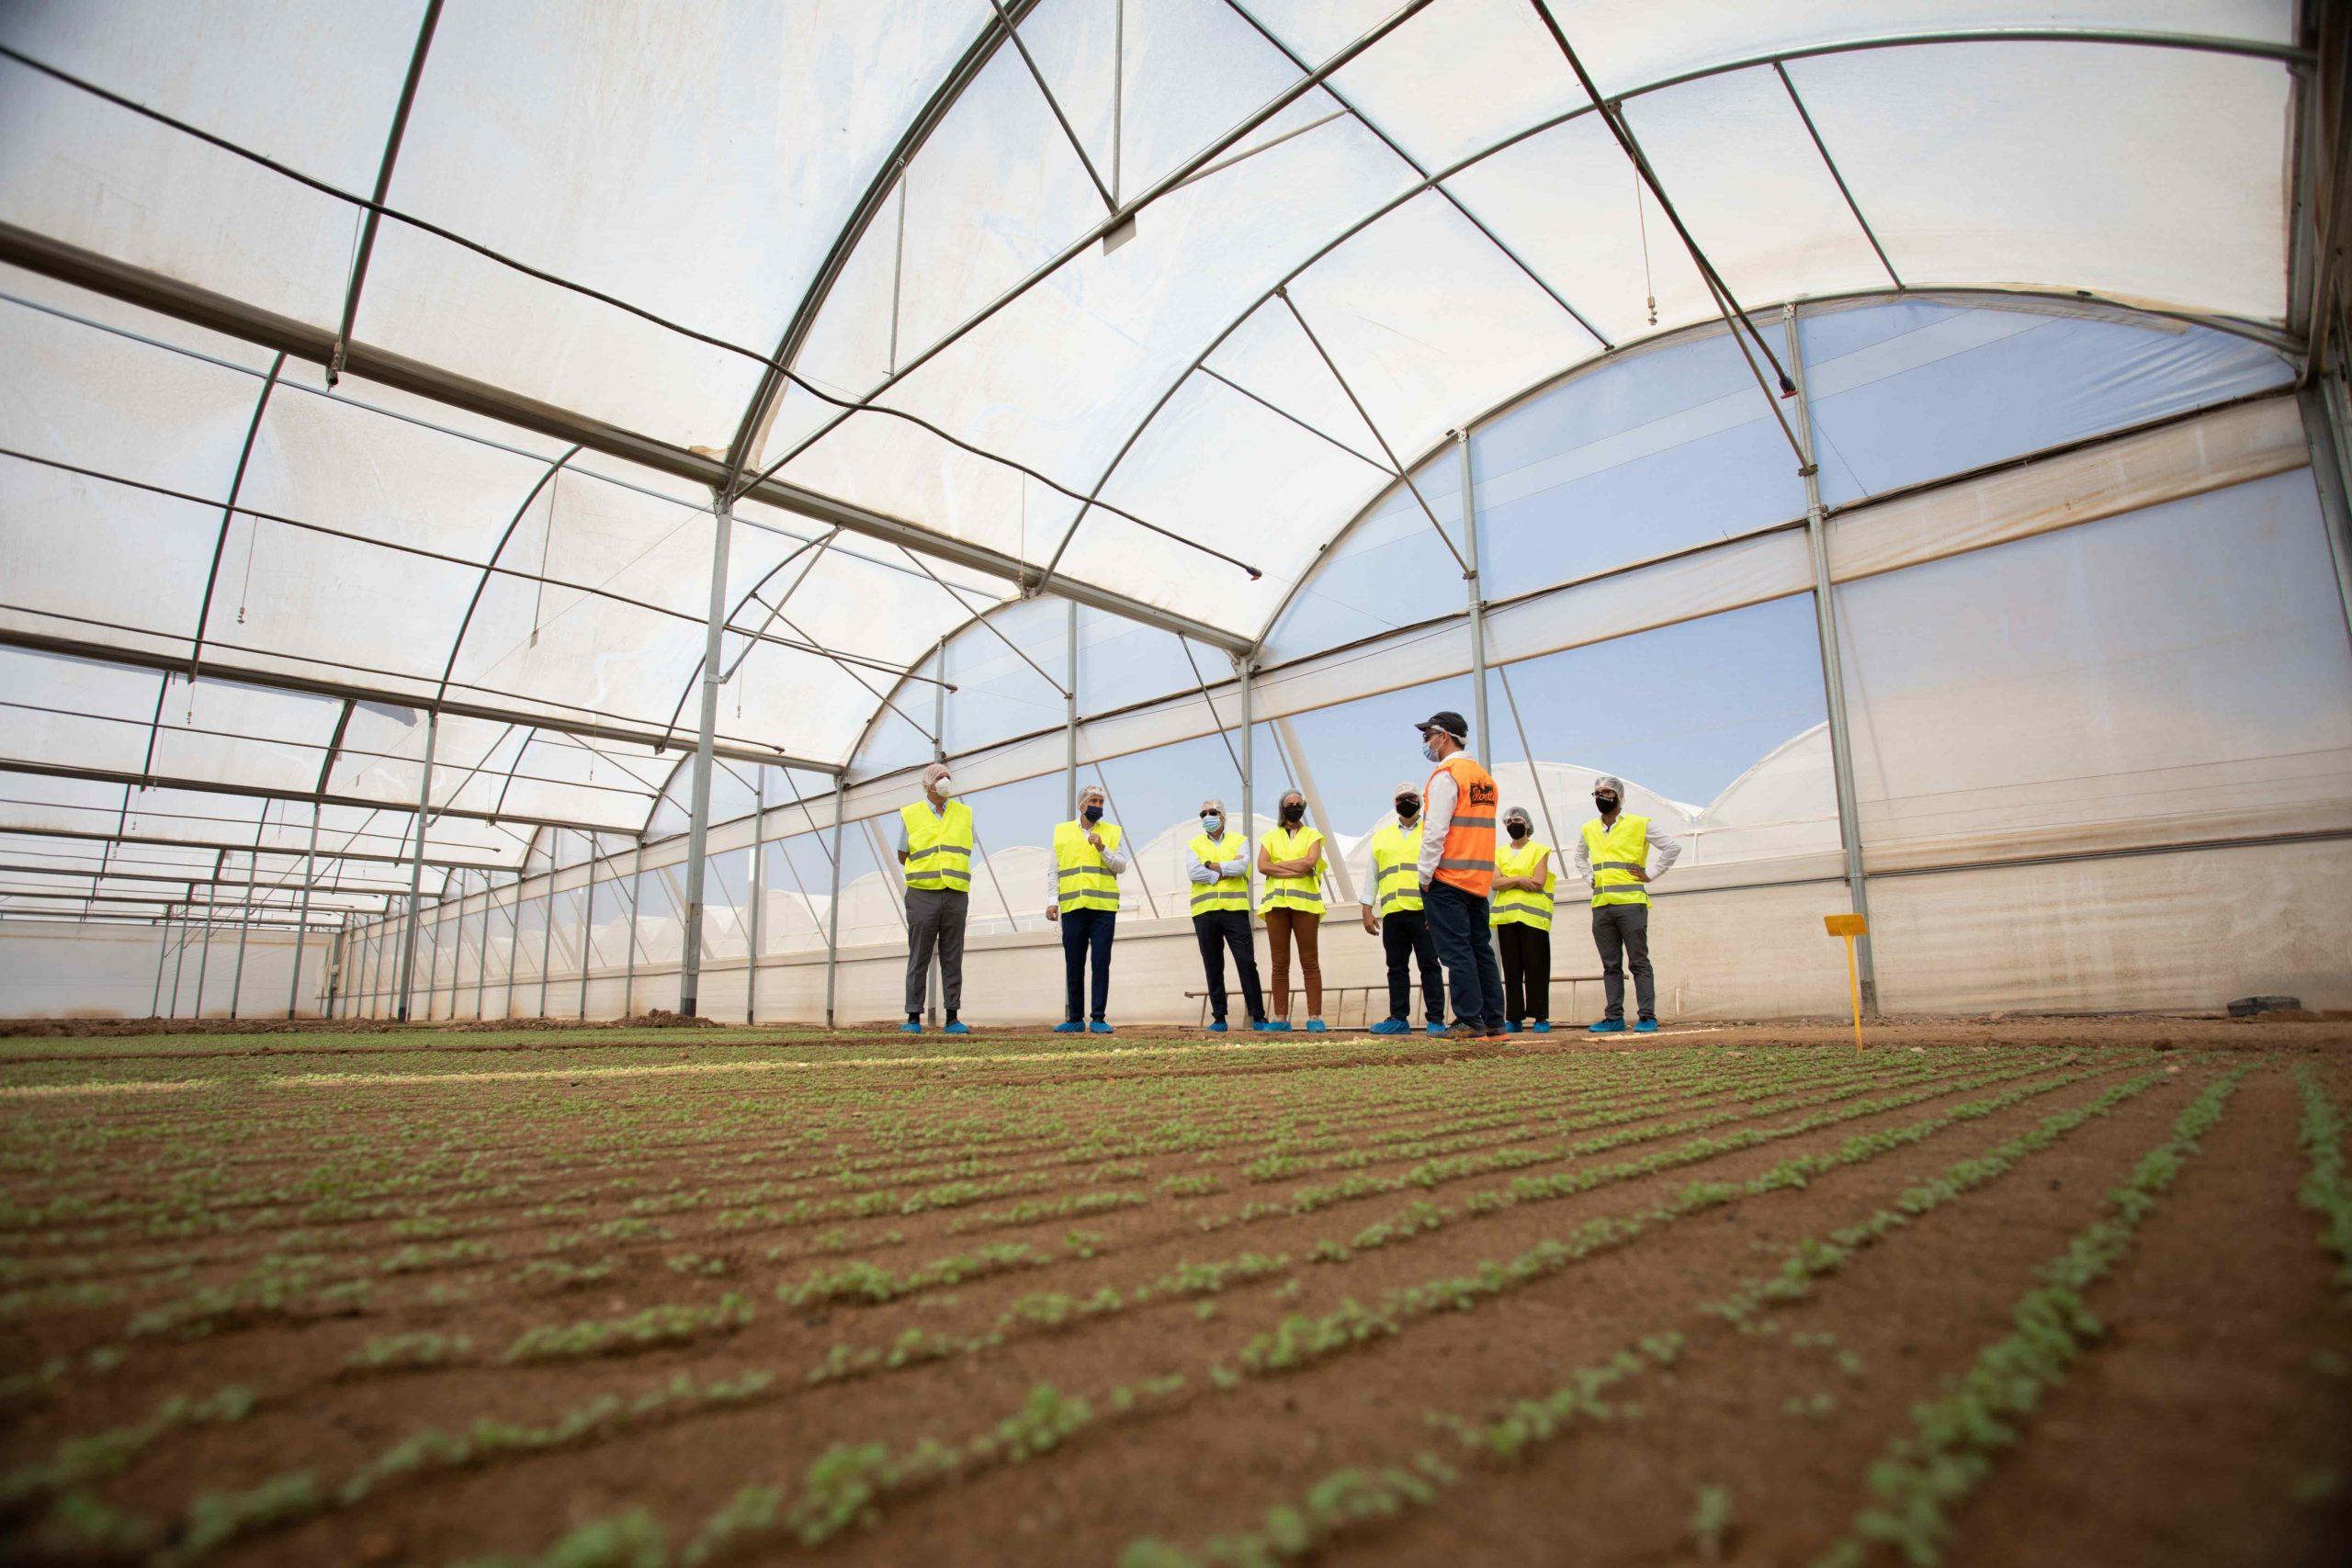 La Unidad de I+D+i de Florette, ejemplo de innovacion de la industria agroalimentaria en Navarra 1 (1)